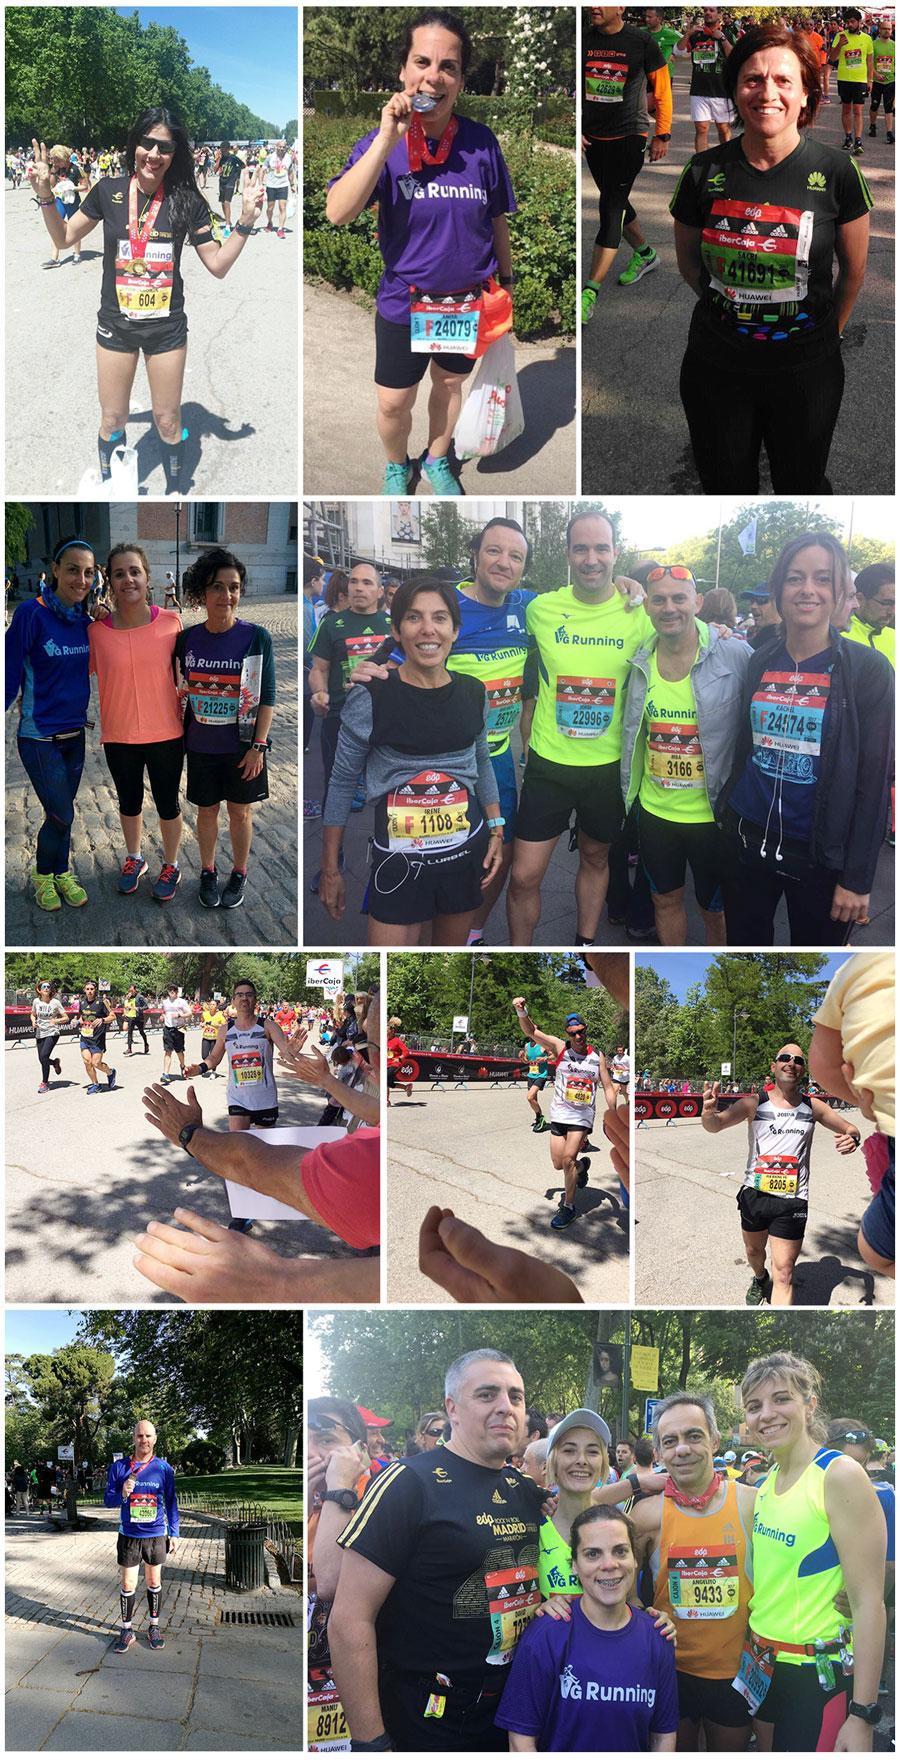 VGRunning - Maratón Madrid 2017